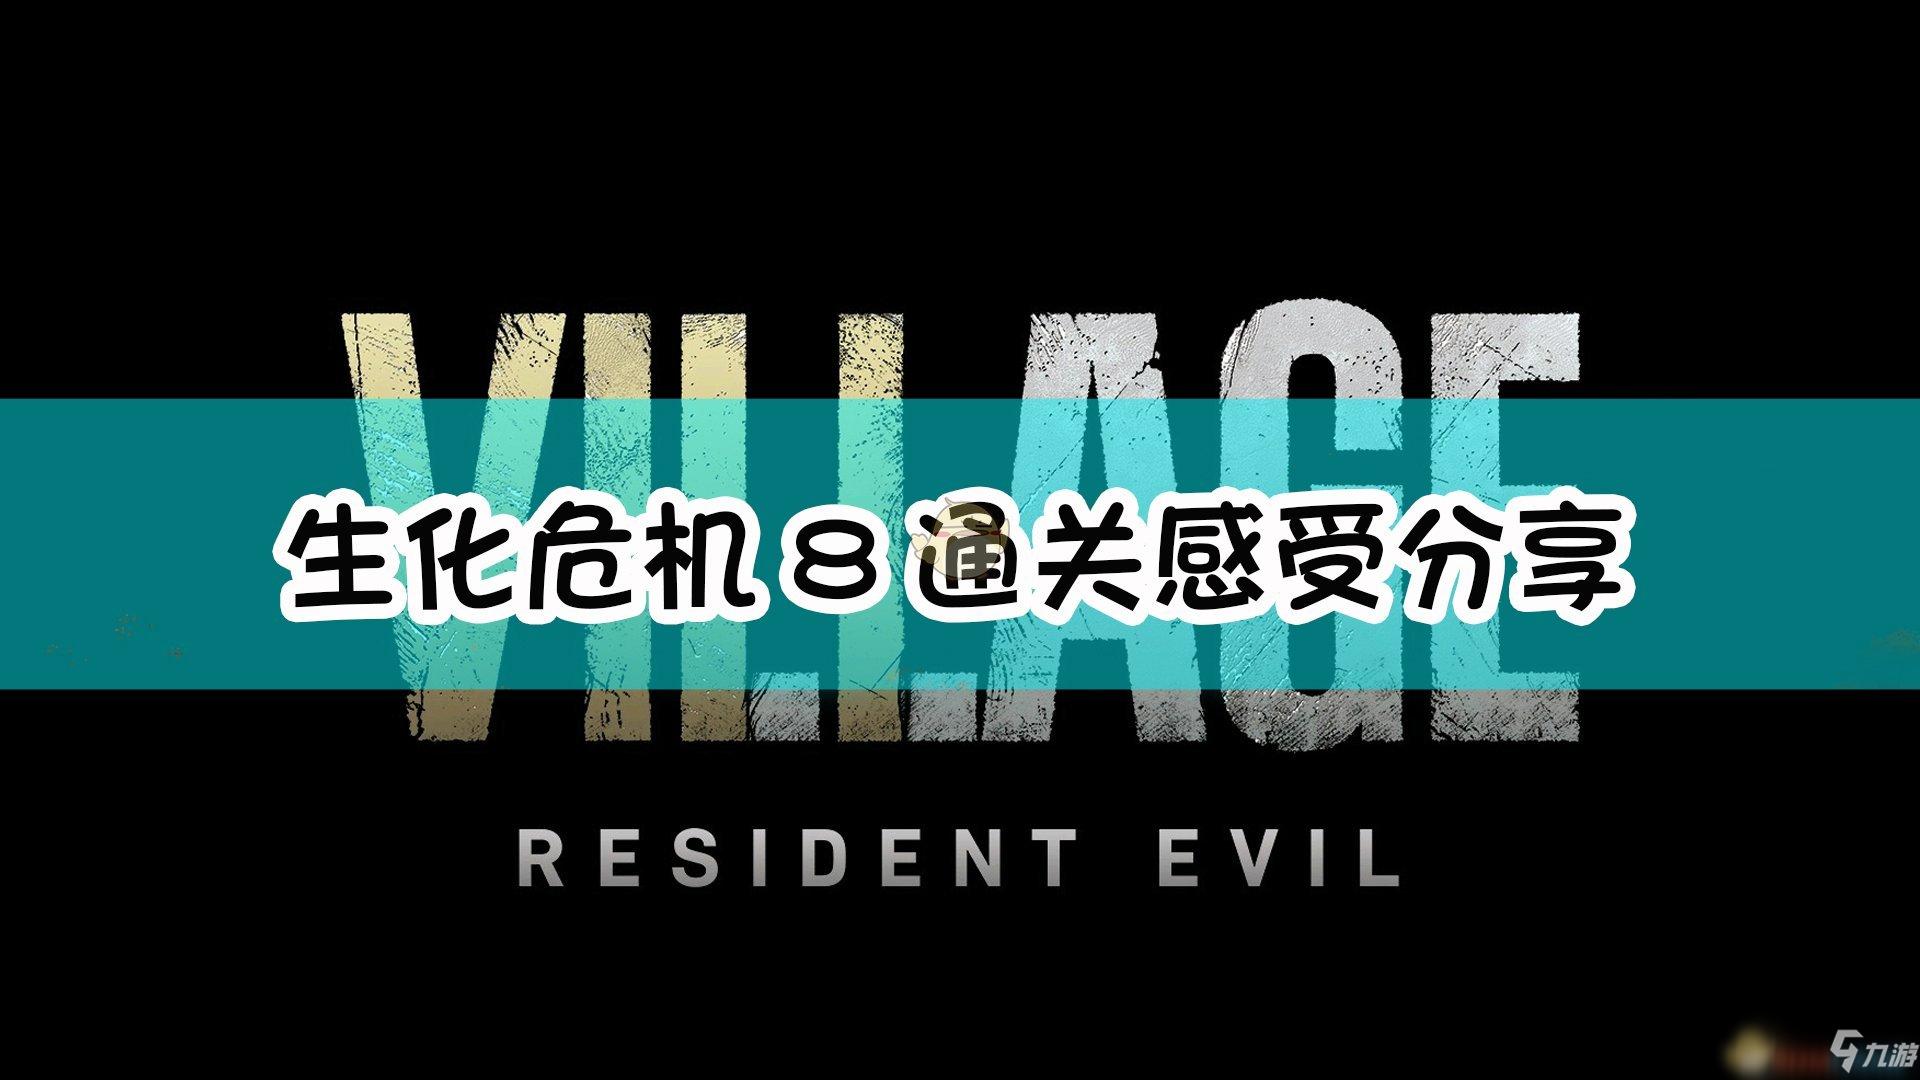 《生化危机8:村庄》通关感受分享